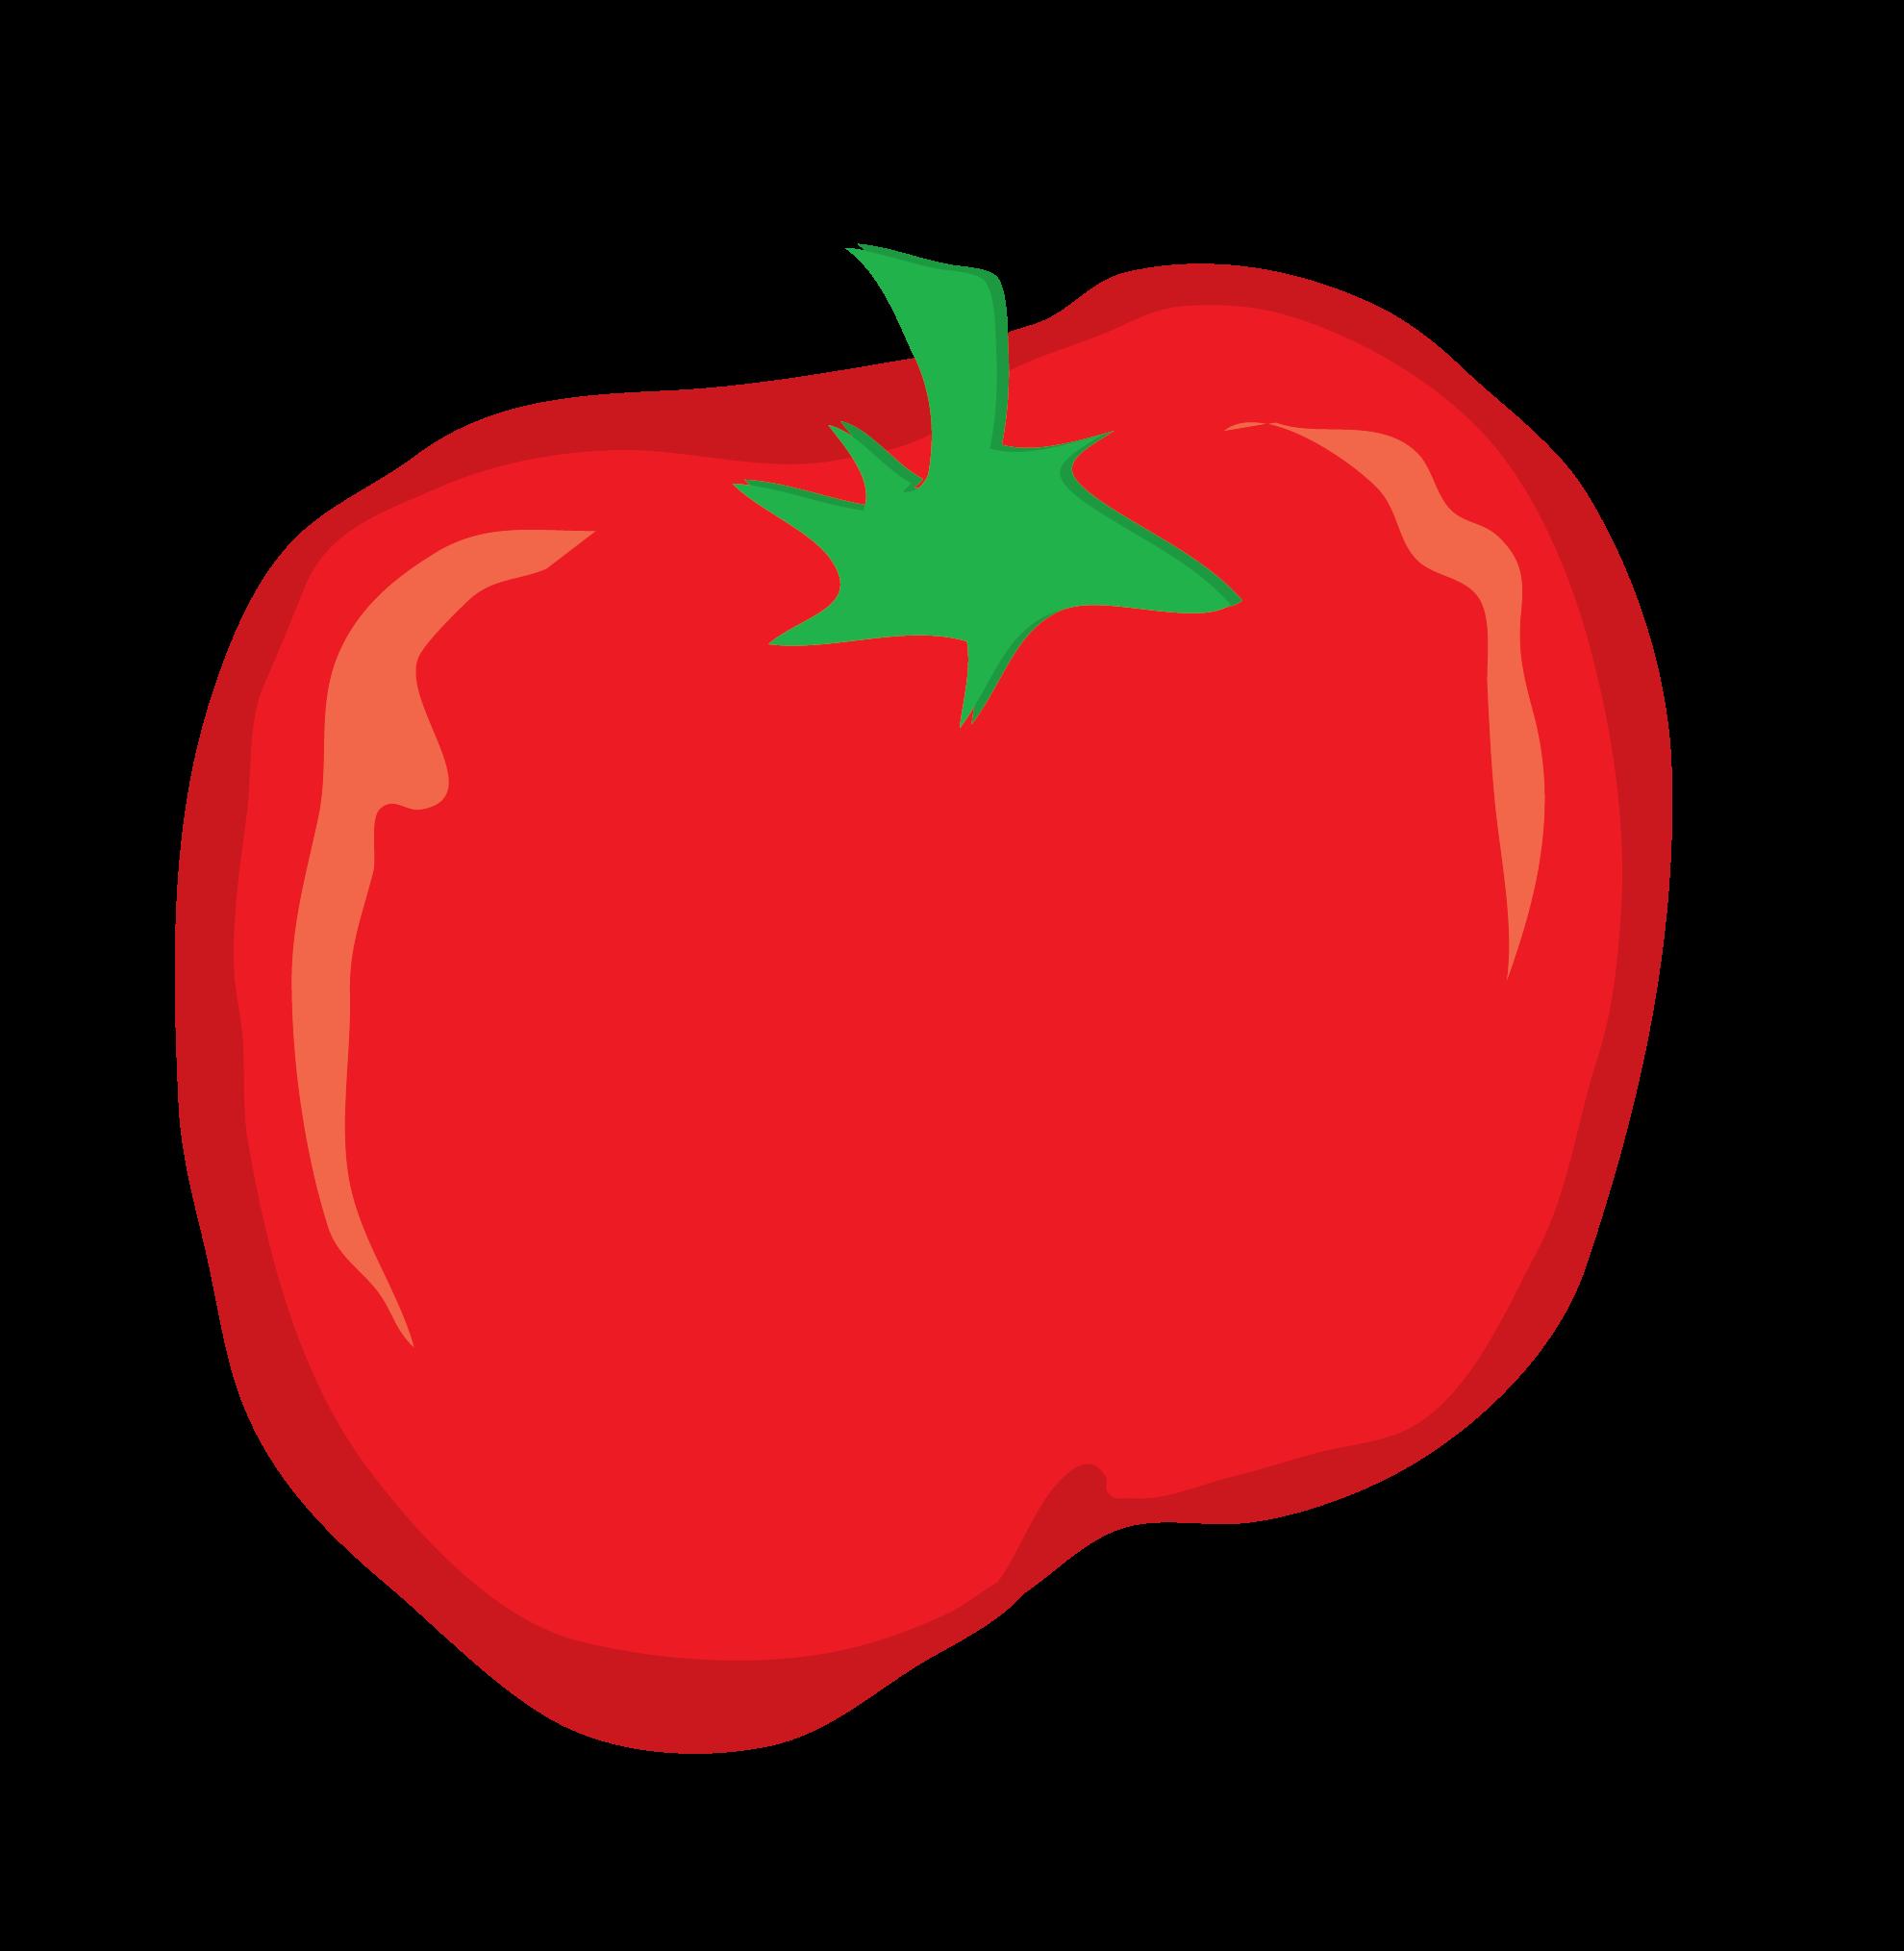 Tomato Vector Clip Art